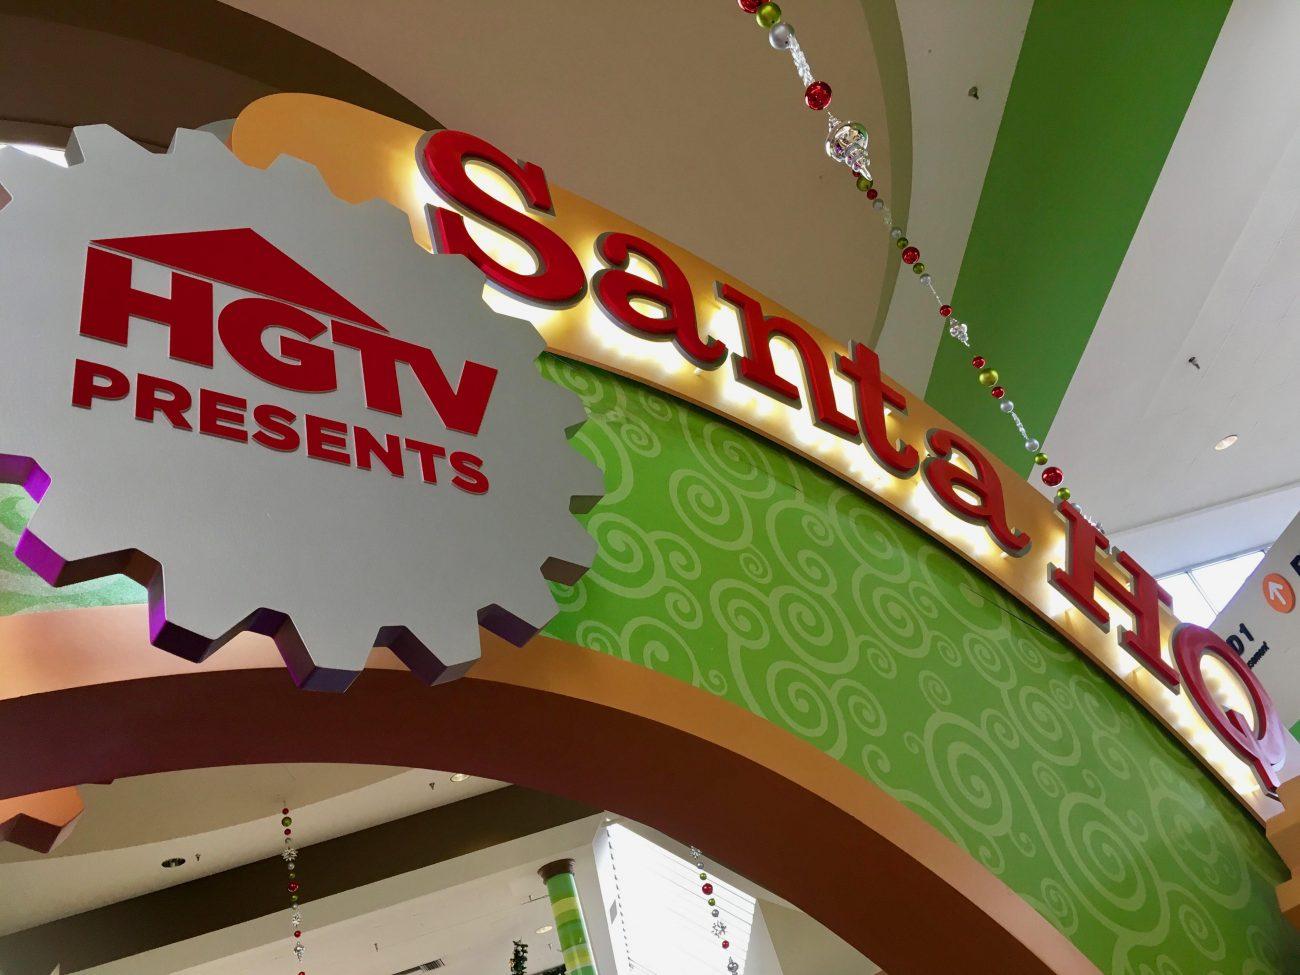 Santa HQ HGTV